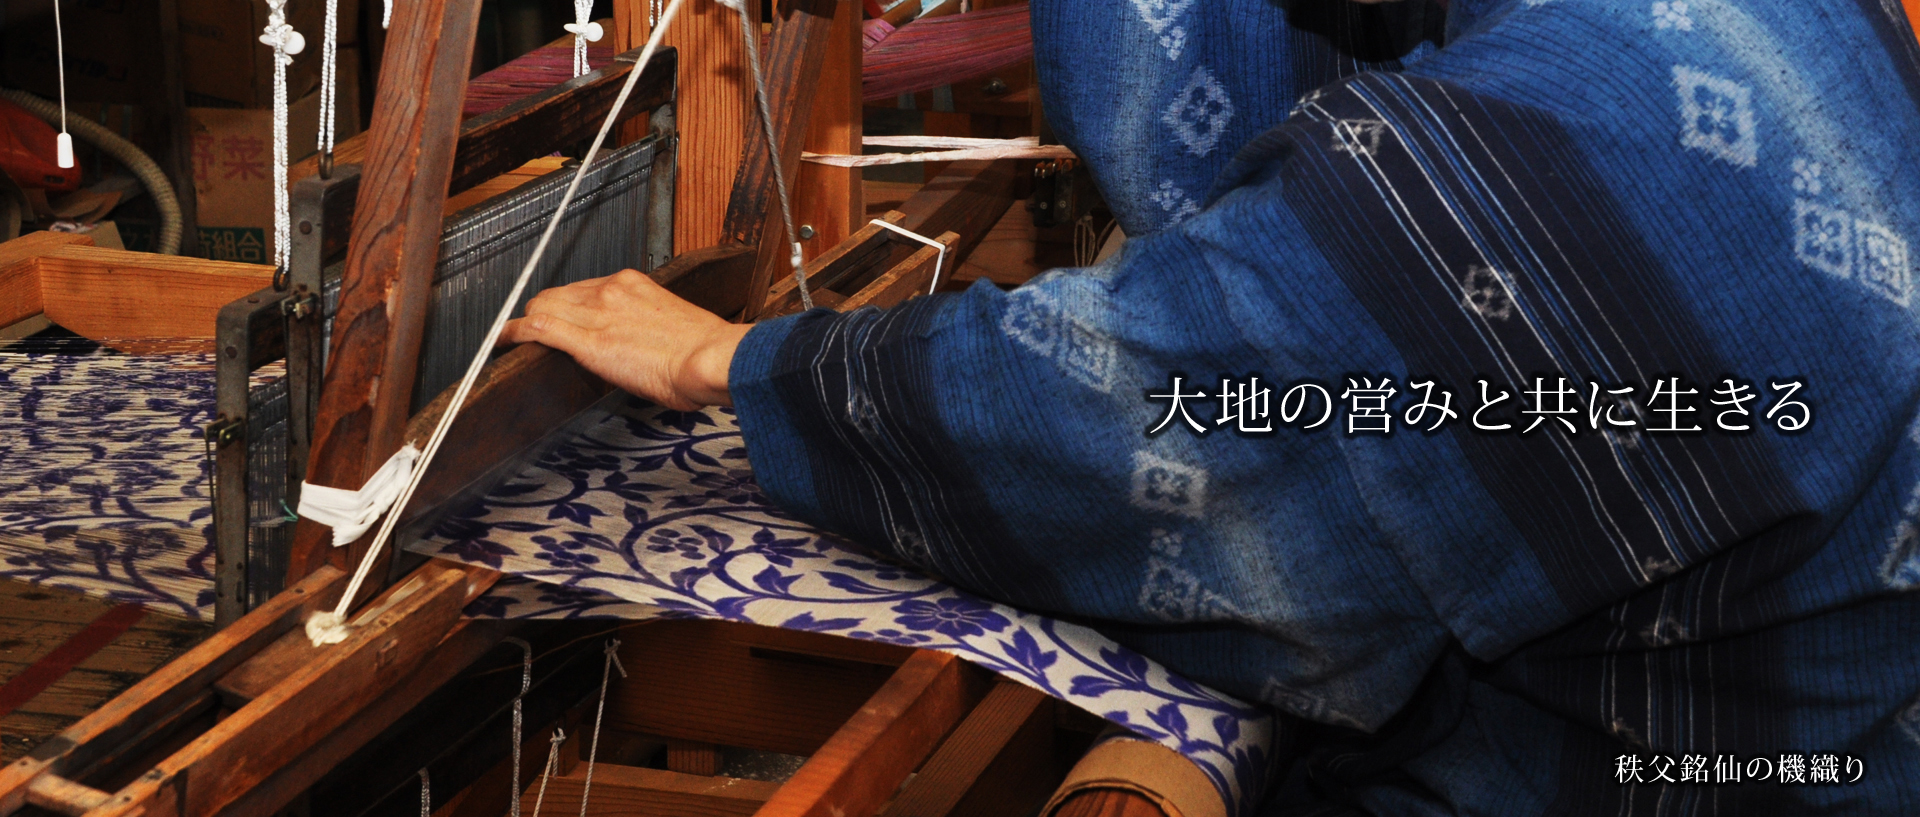 秩父銘仙の機織り